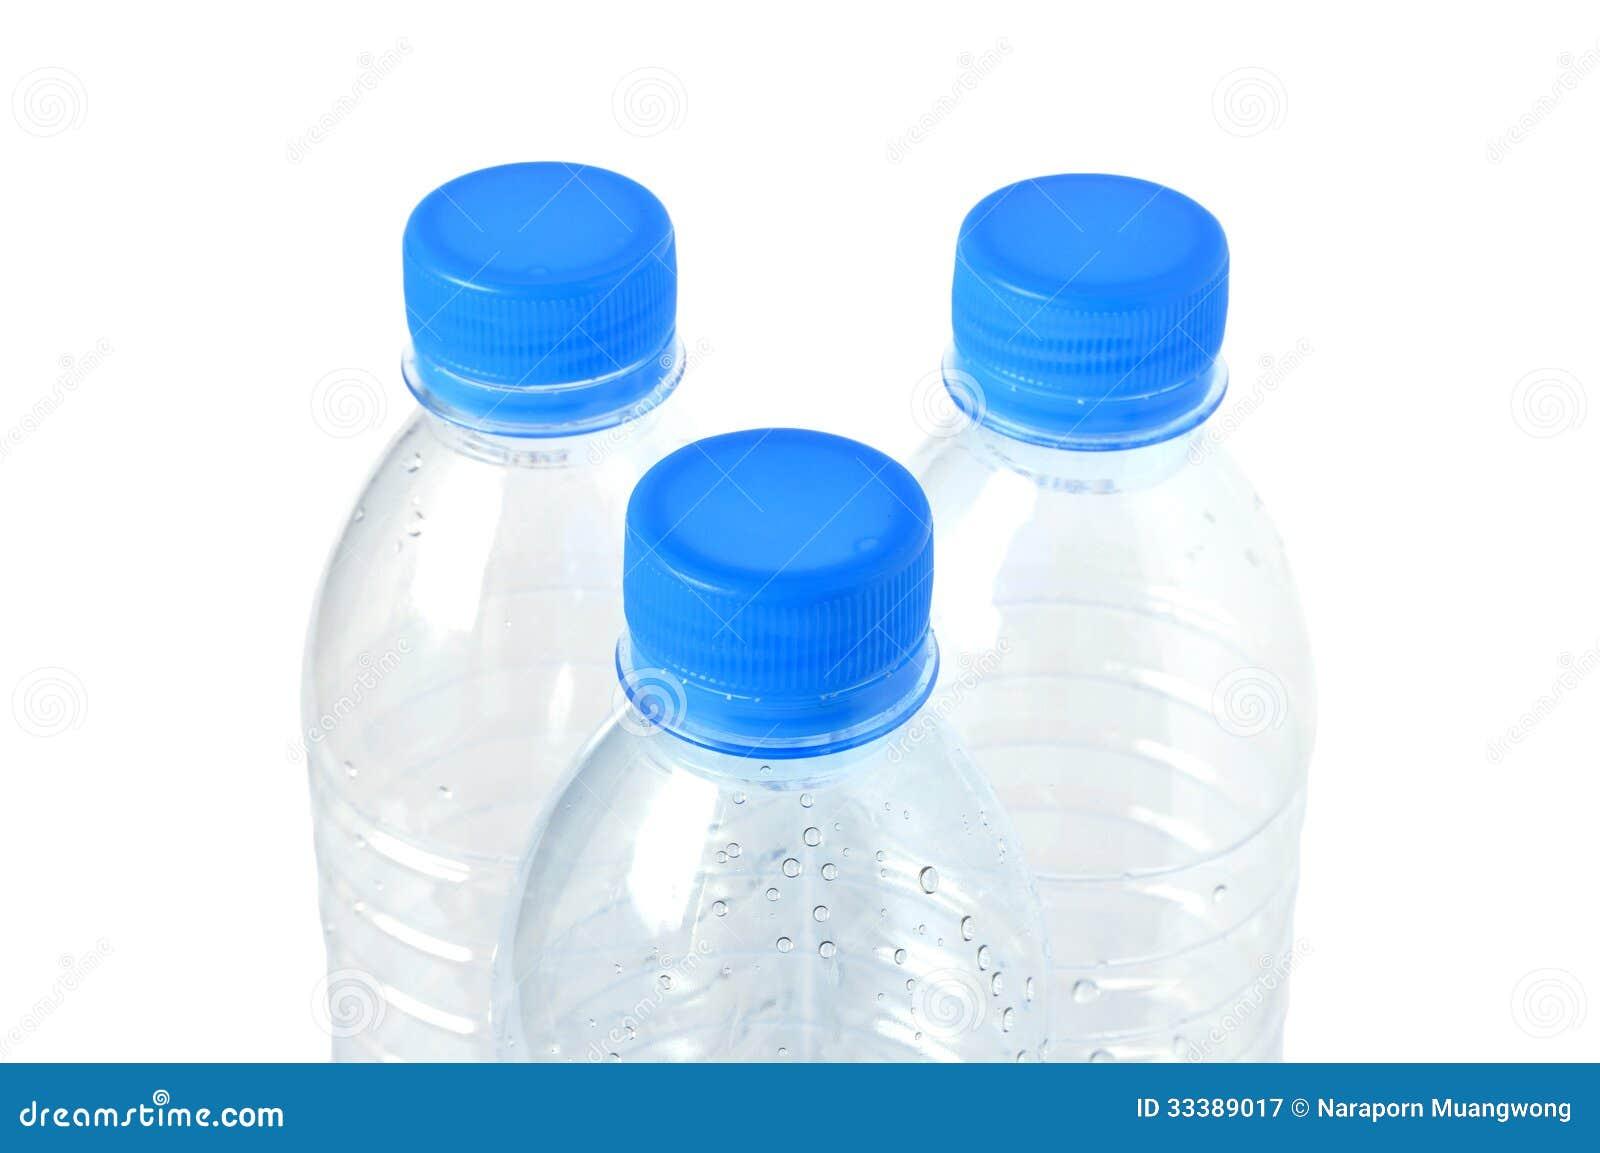 bouteille d 39 eau en plastique vide photographie stock libre de droits image 33389017. Black Bedroom Furniture Sets. Home Design Ideas